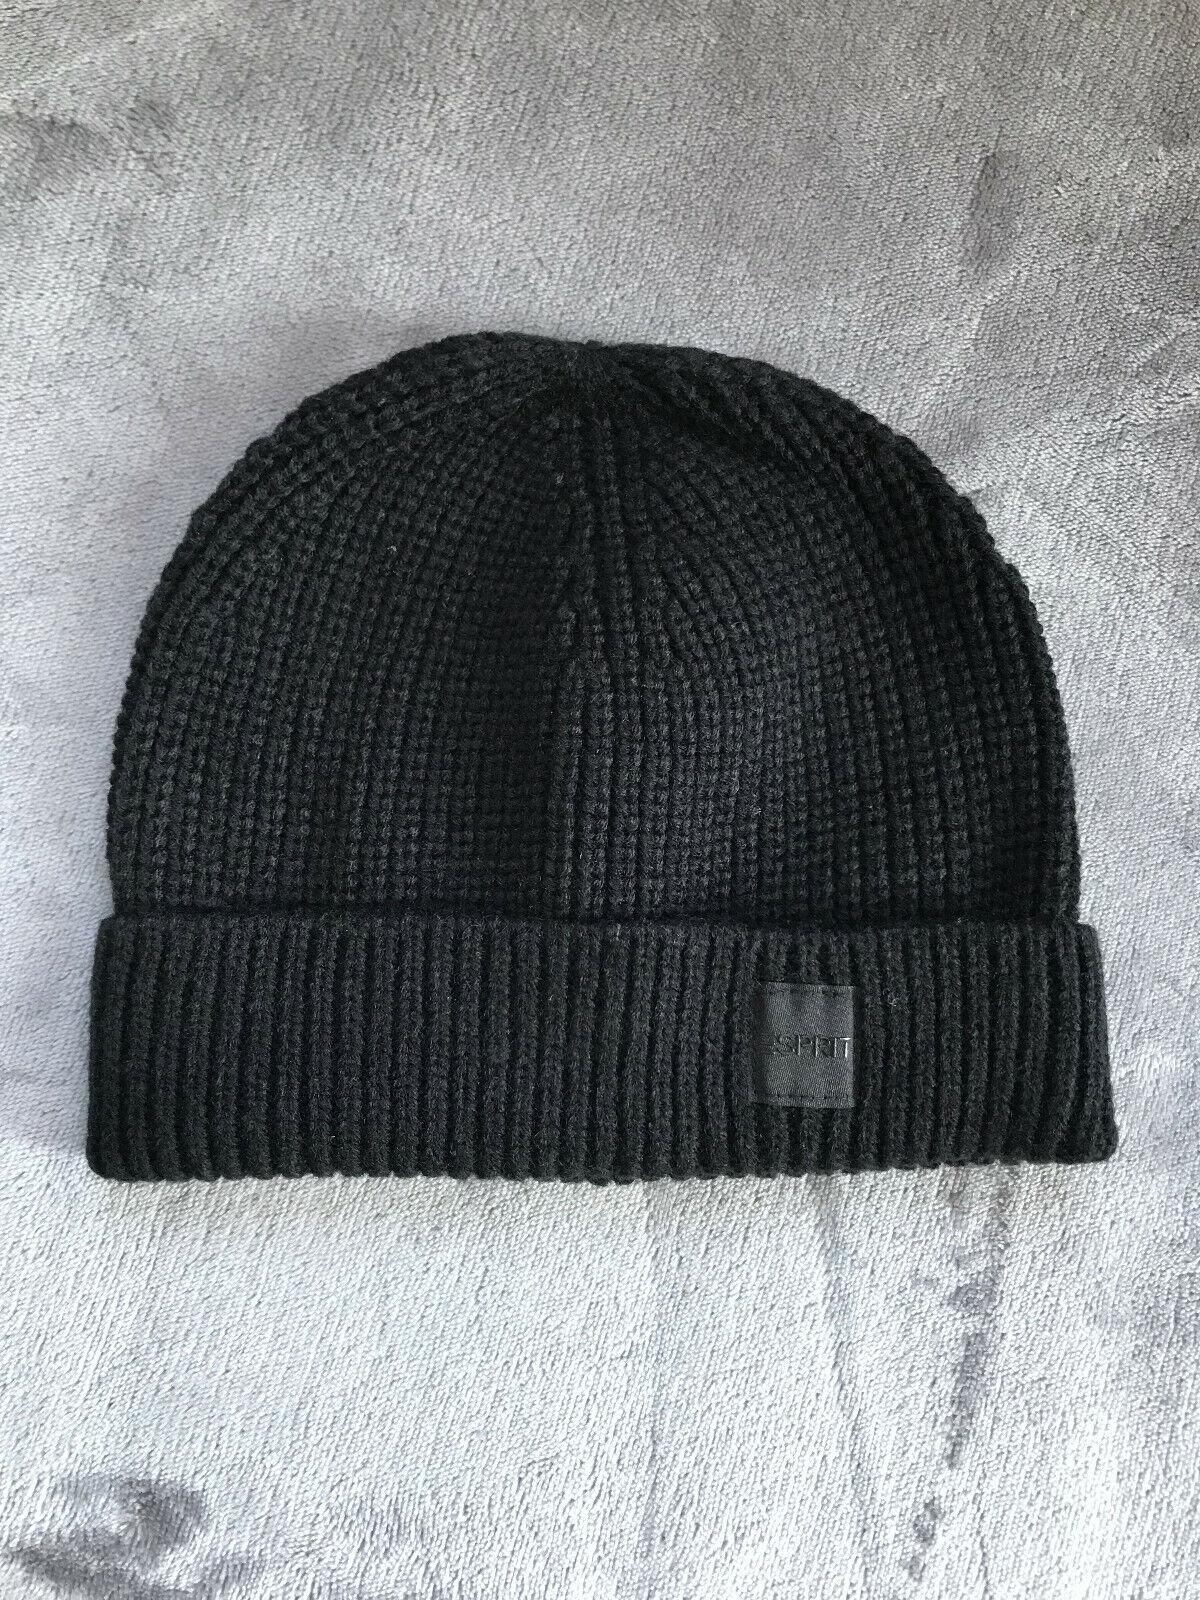 Rippstrick-Beanie mit RWS Wolle Herren schwarz Esprit neu Mütze